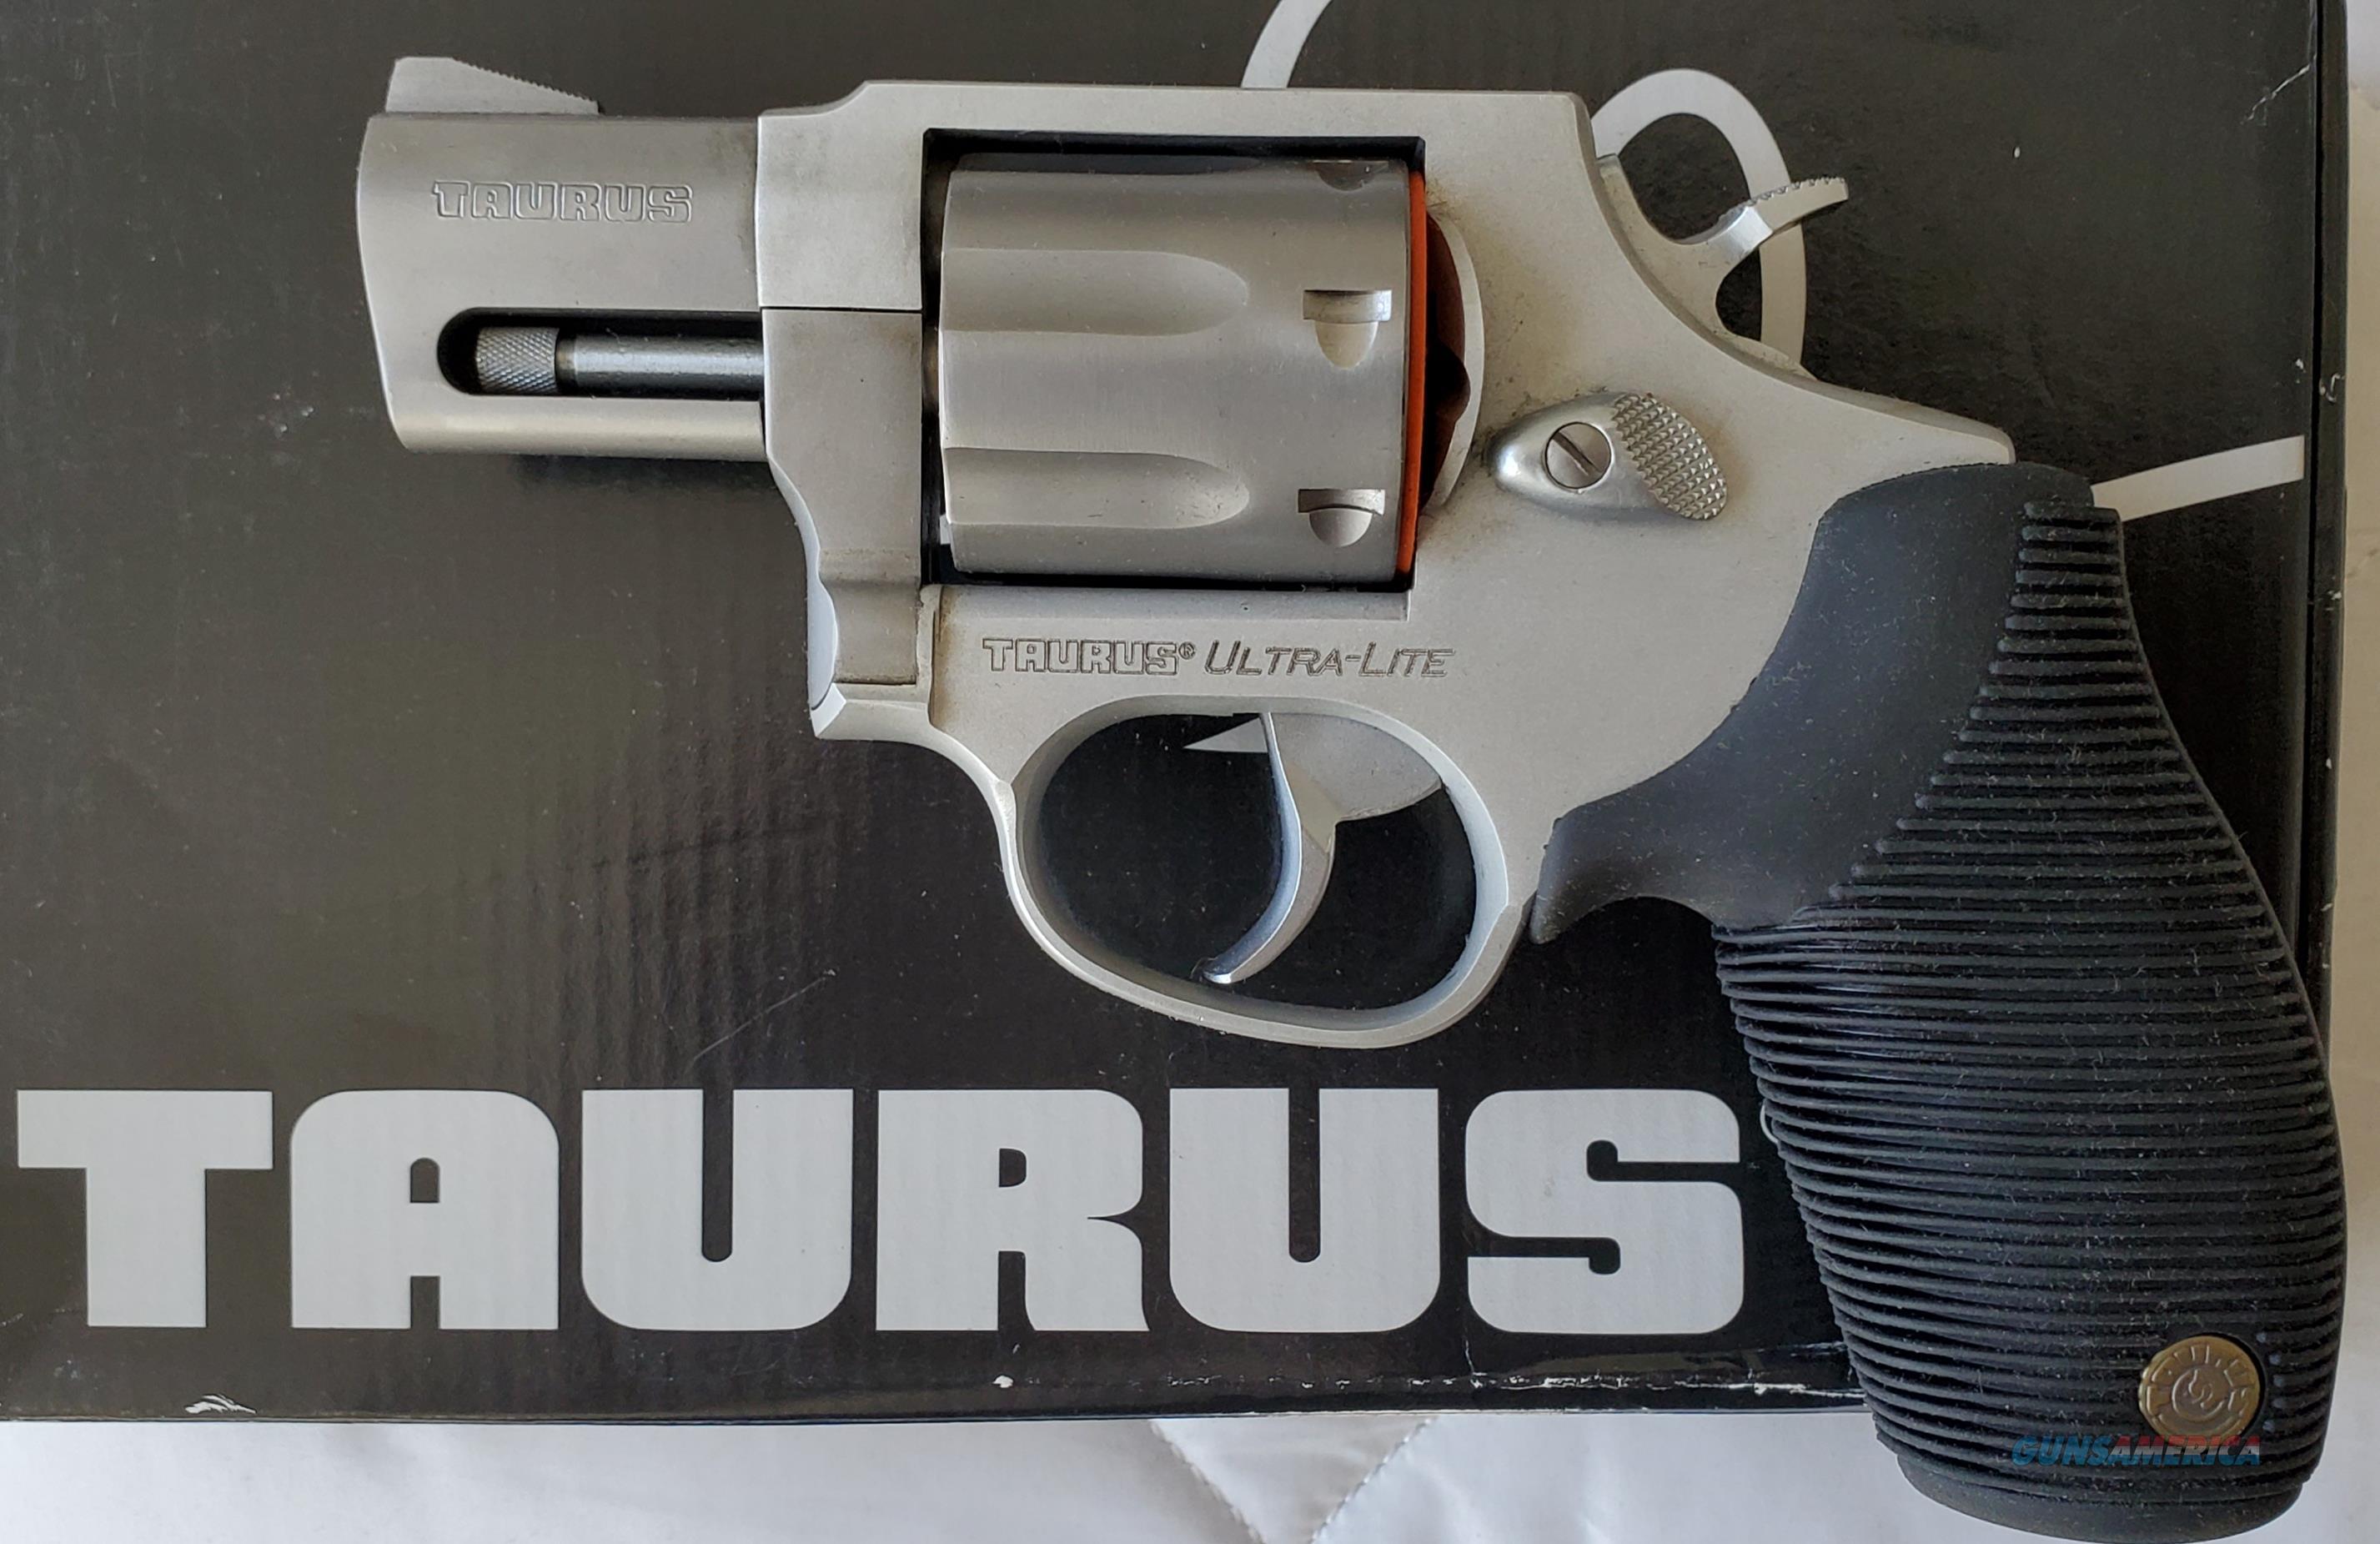 """Taurus 817 Compact Ultra Lite SS revolver 2"""" bbl. 38 Spl. +P  New!  LAYAWAY OPTION  2817029UL  Guns > Pistols > Taurus Pistols > Revolvers"""